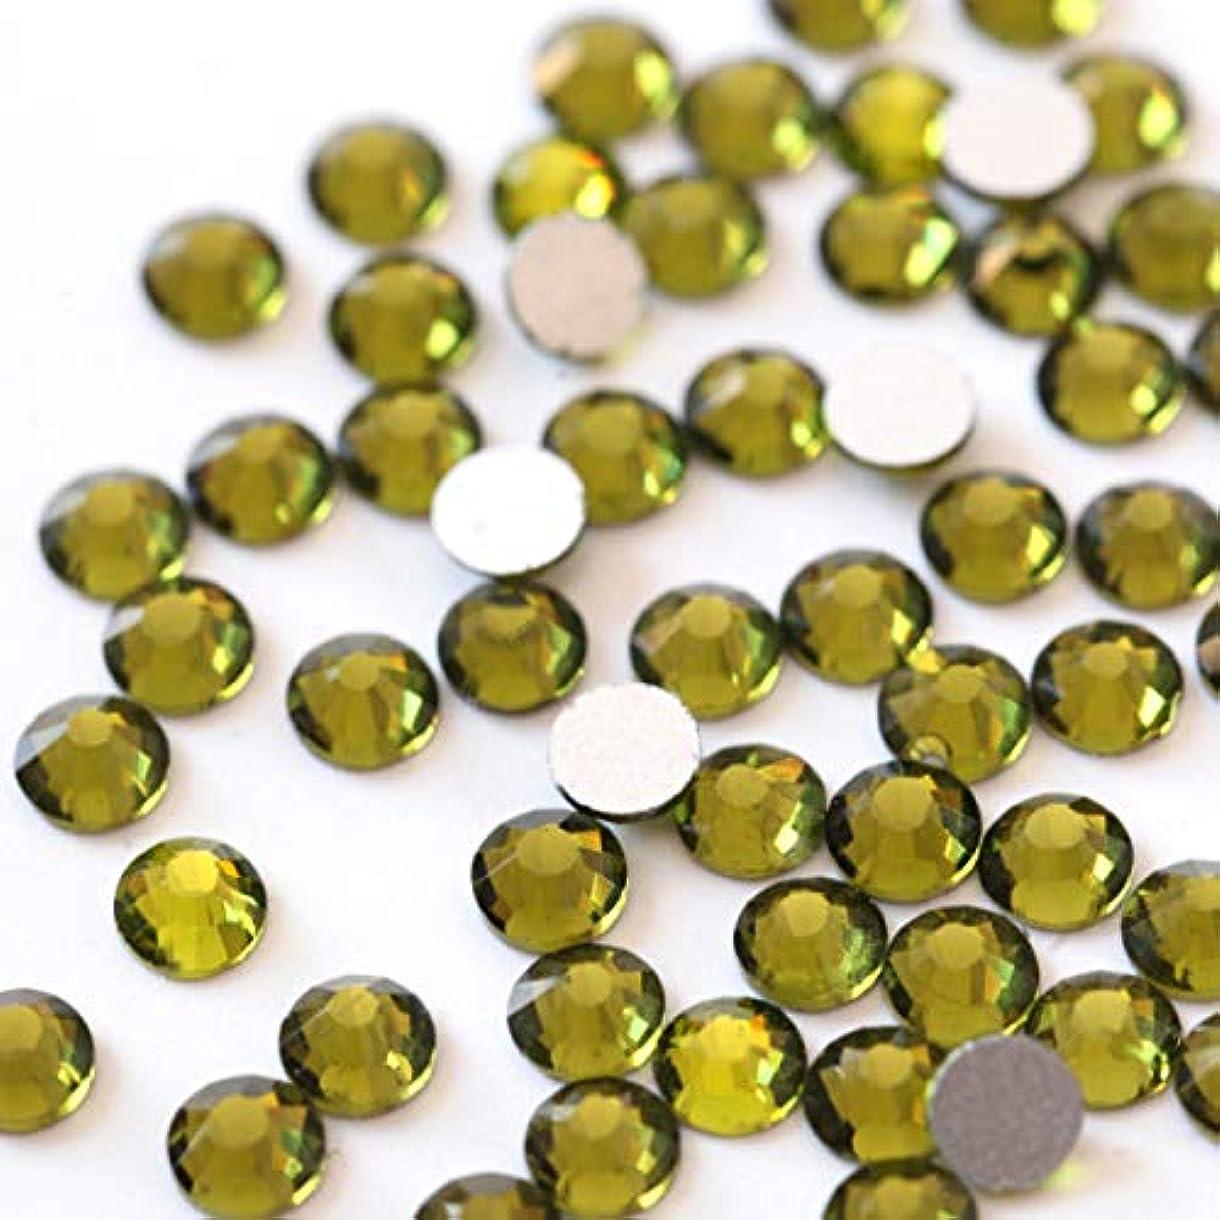 ソーダ水牛獲物【ラインストーン77】高品質ガラス製ラインストーン オリーブ(3.0mm (SS12) 約200粒)